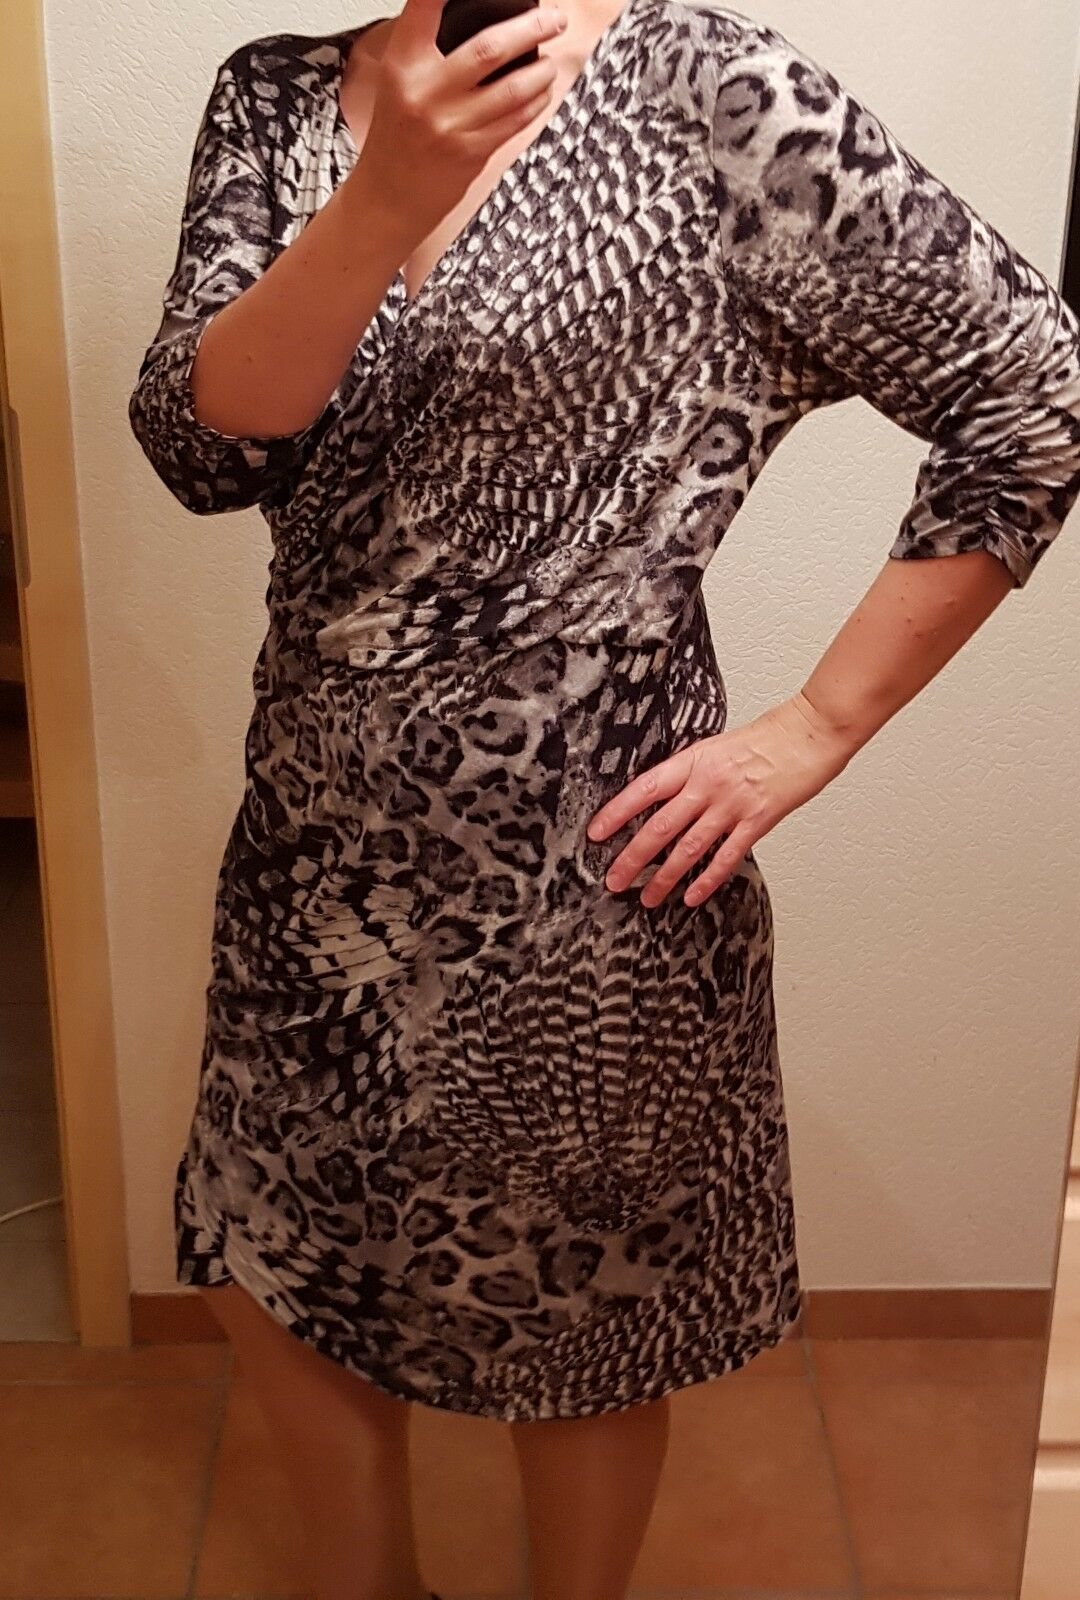 Wunderschönes Kleid Damenkleid Airfield Gr 46 46 46 Farbe schwarz-grau 92% Viskose neu aeb62e